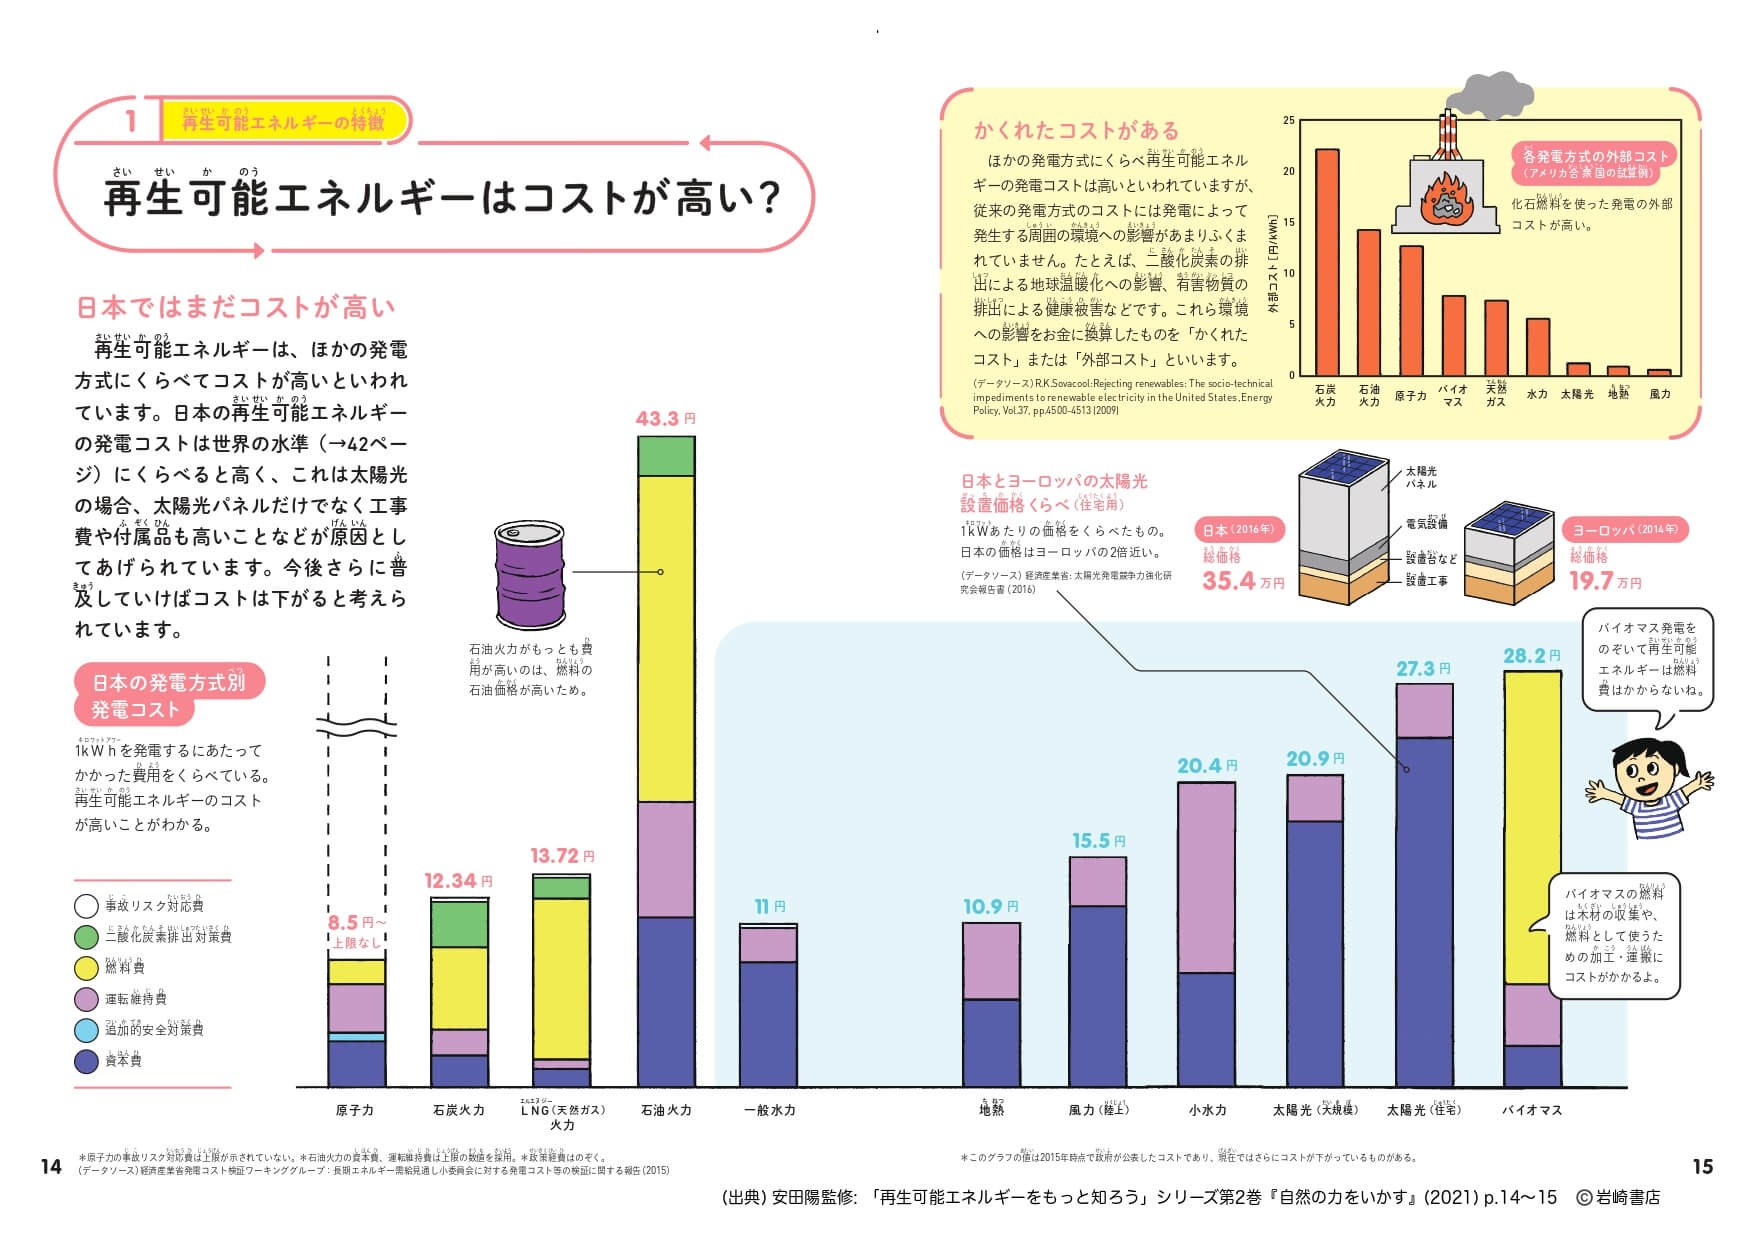 図1 日本の再生可能エネルギーのコスト 画像提供・岩崎書店 安田陽監修『再生可能エネルギーをもっと知ろう』シリーズ第2巻『自然の力をいかす』(2021)から転載